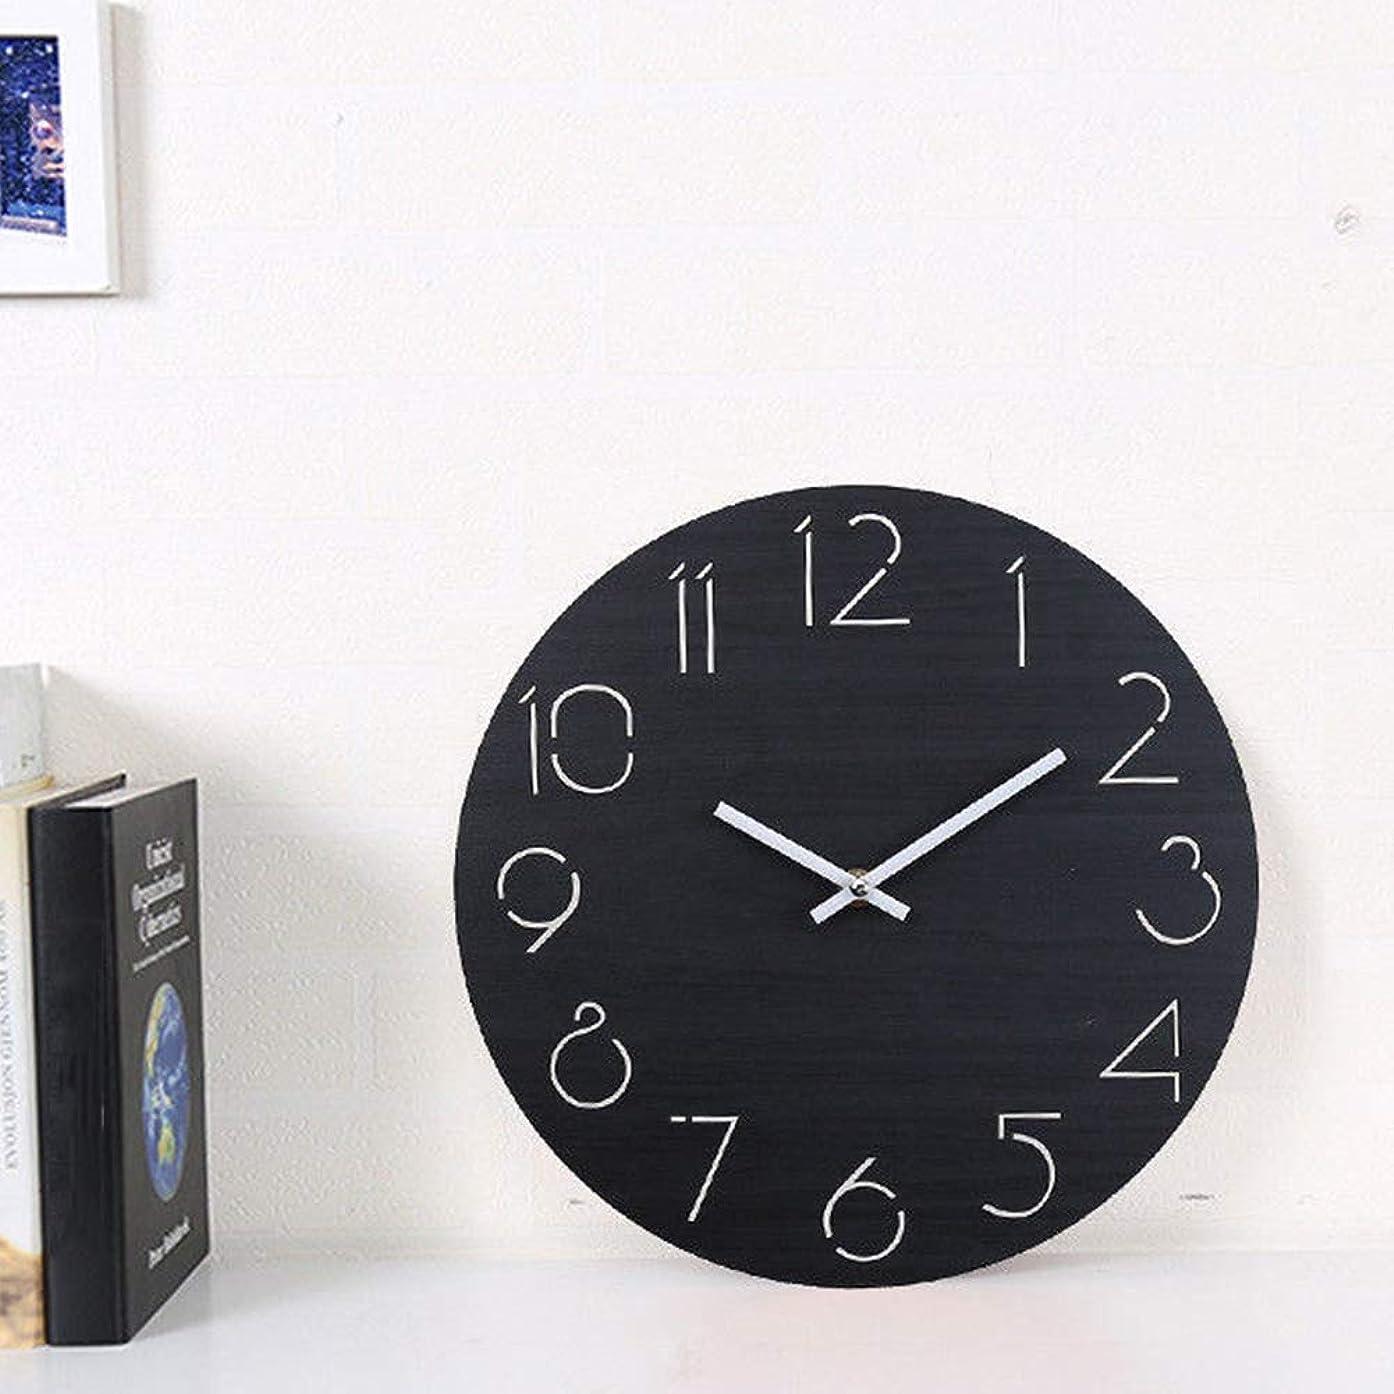 実験室団結自発的壁掛け時計12